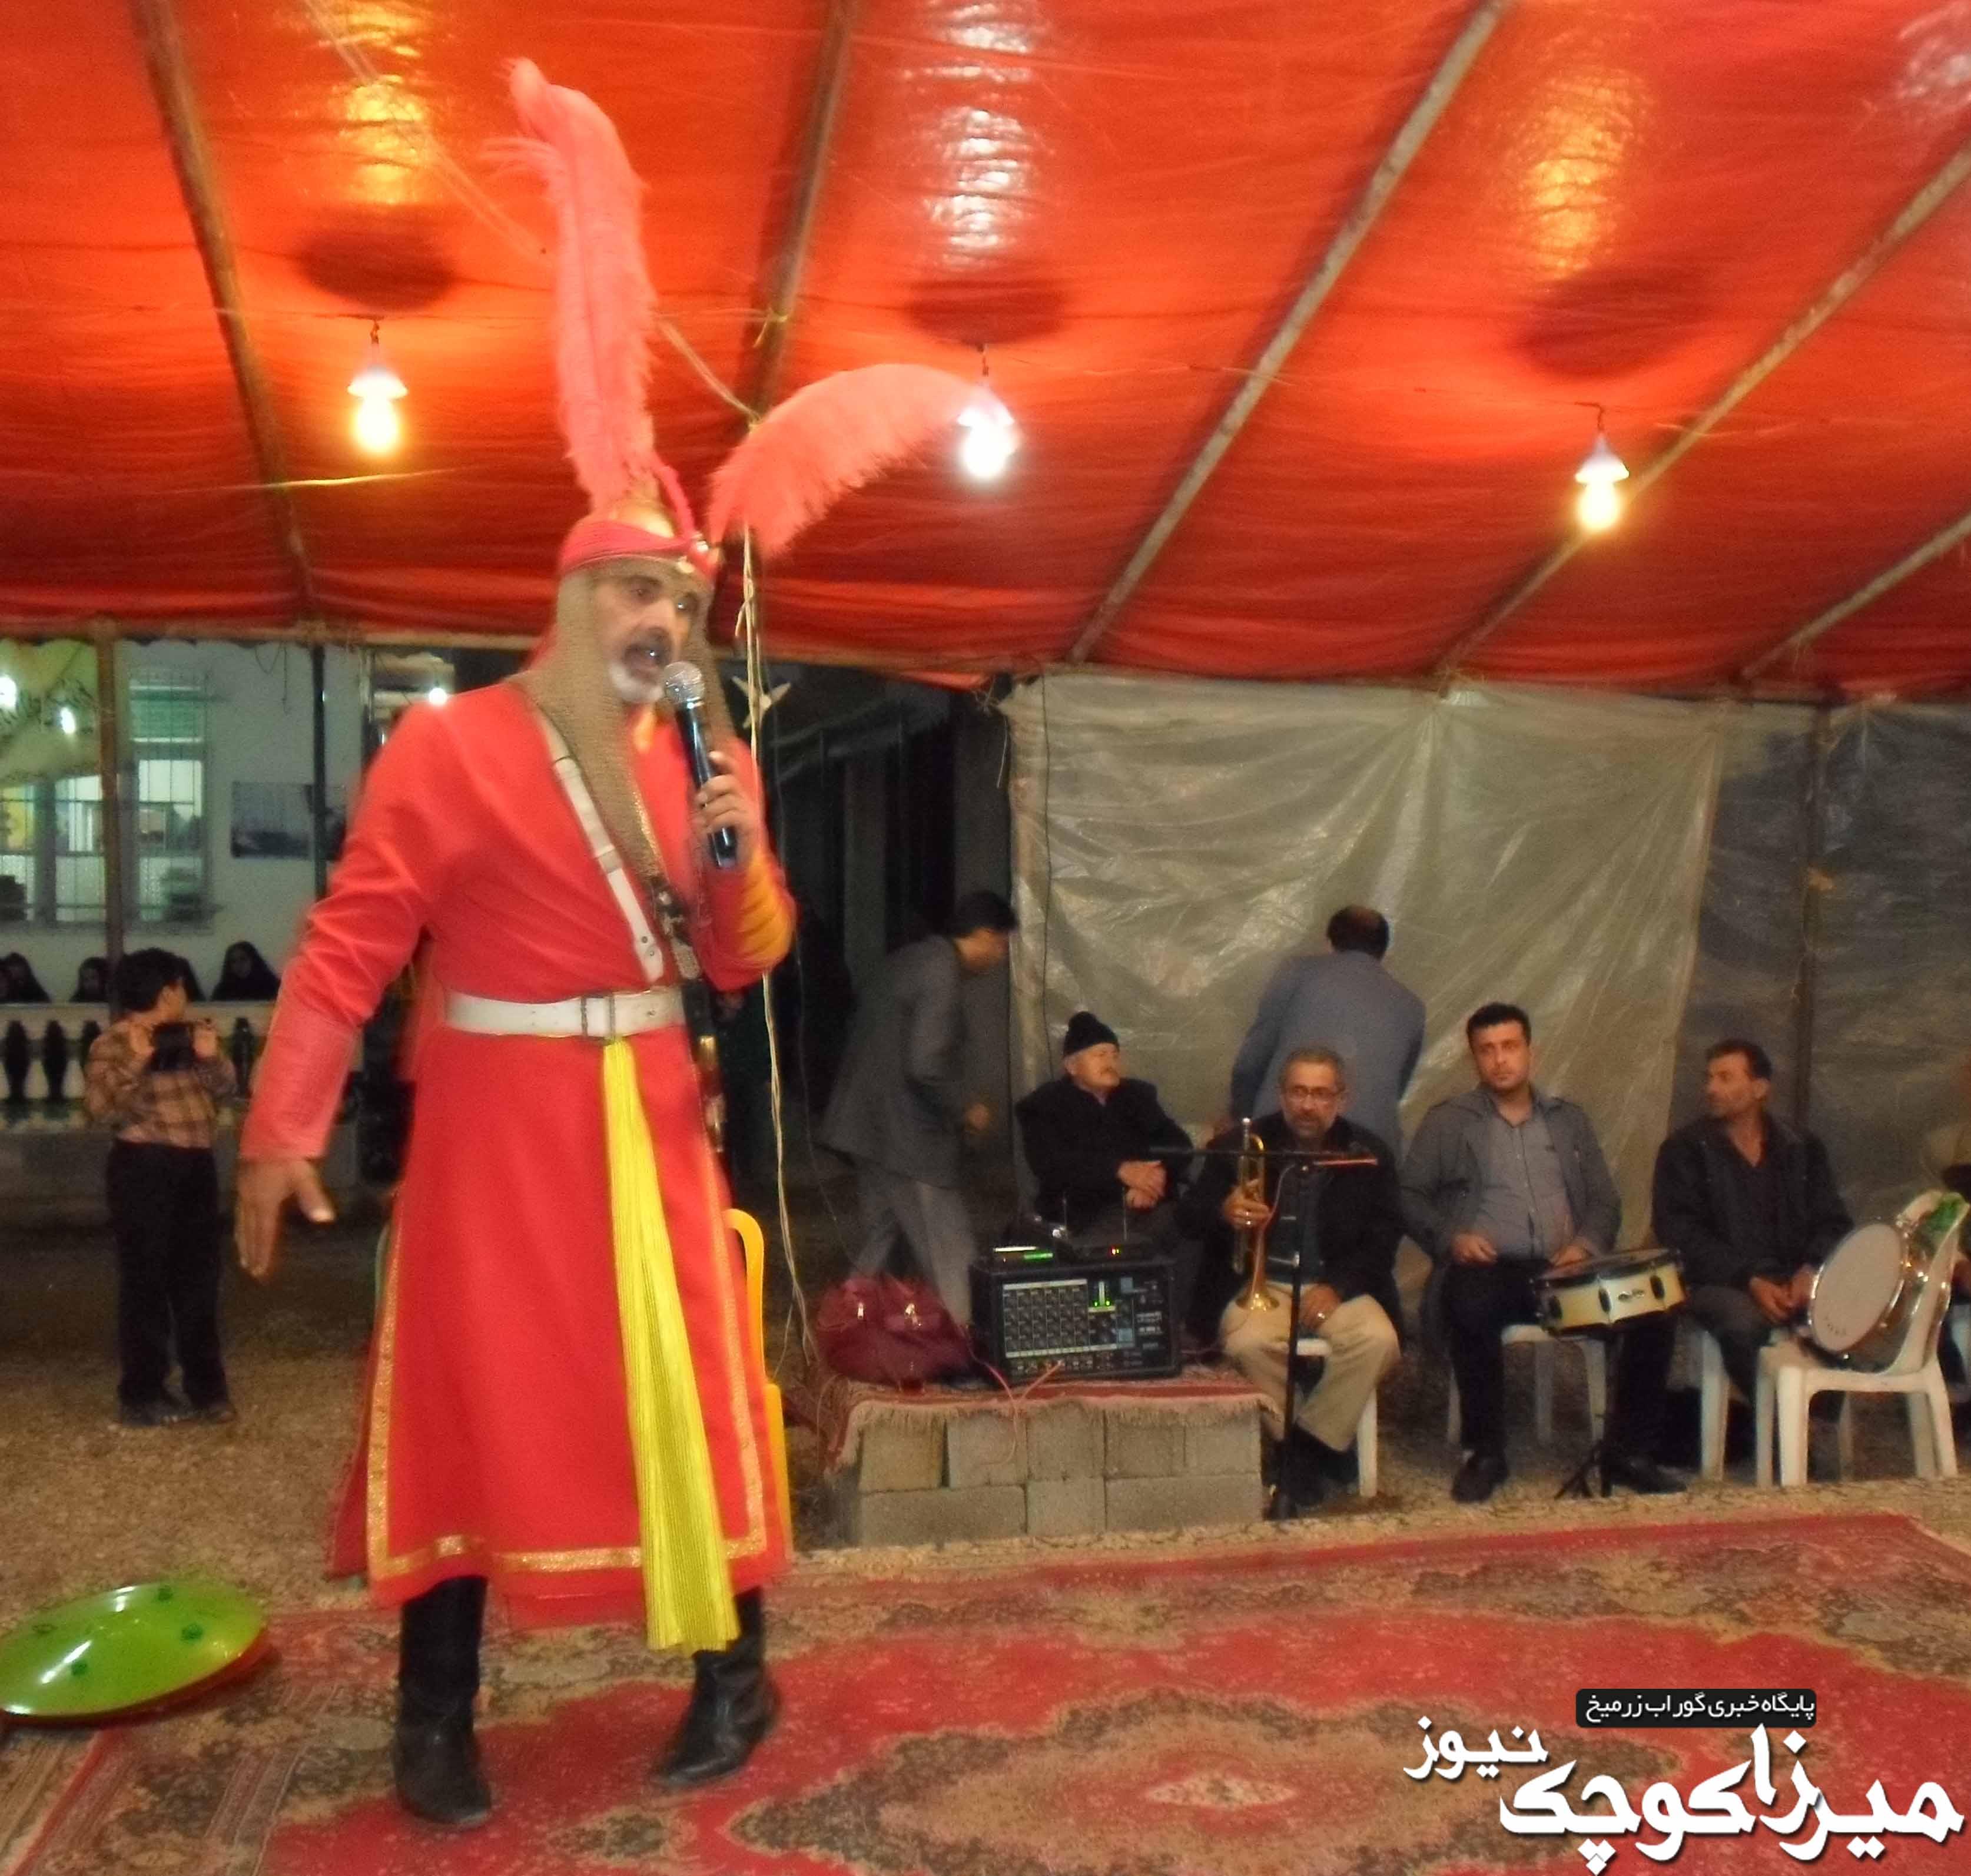 مراسم تعزیه خوانی عاشورای حسینی در پشتیر + عکس